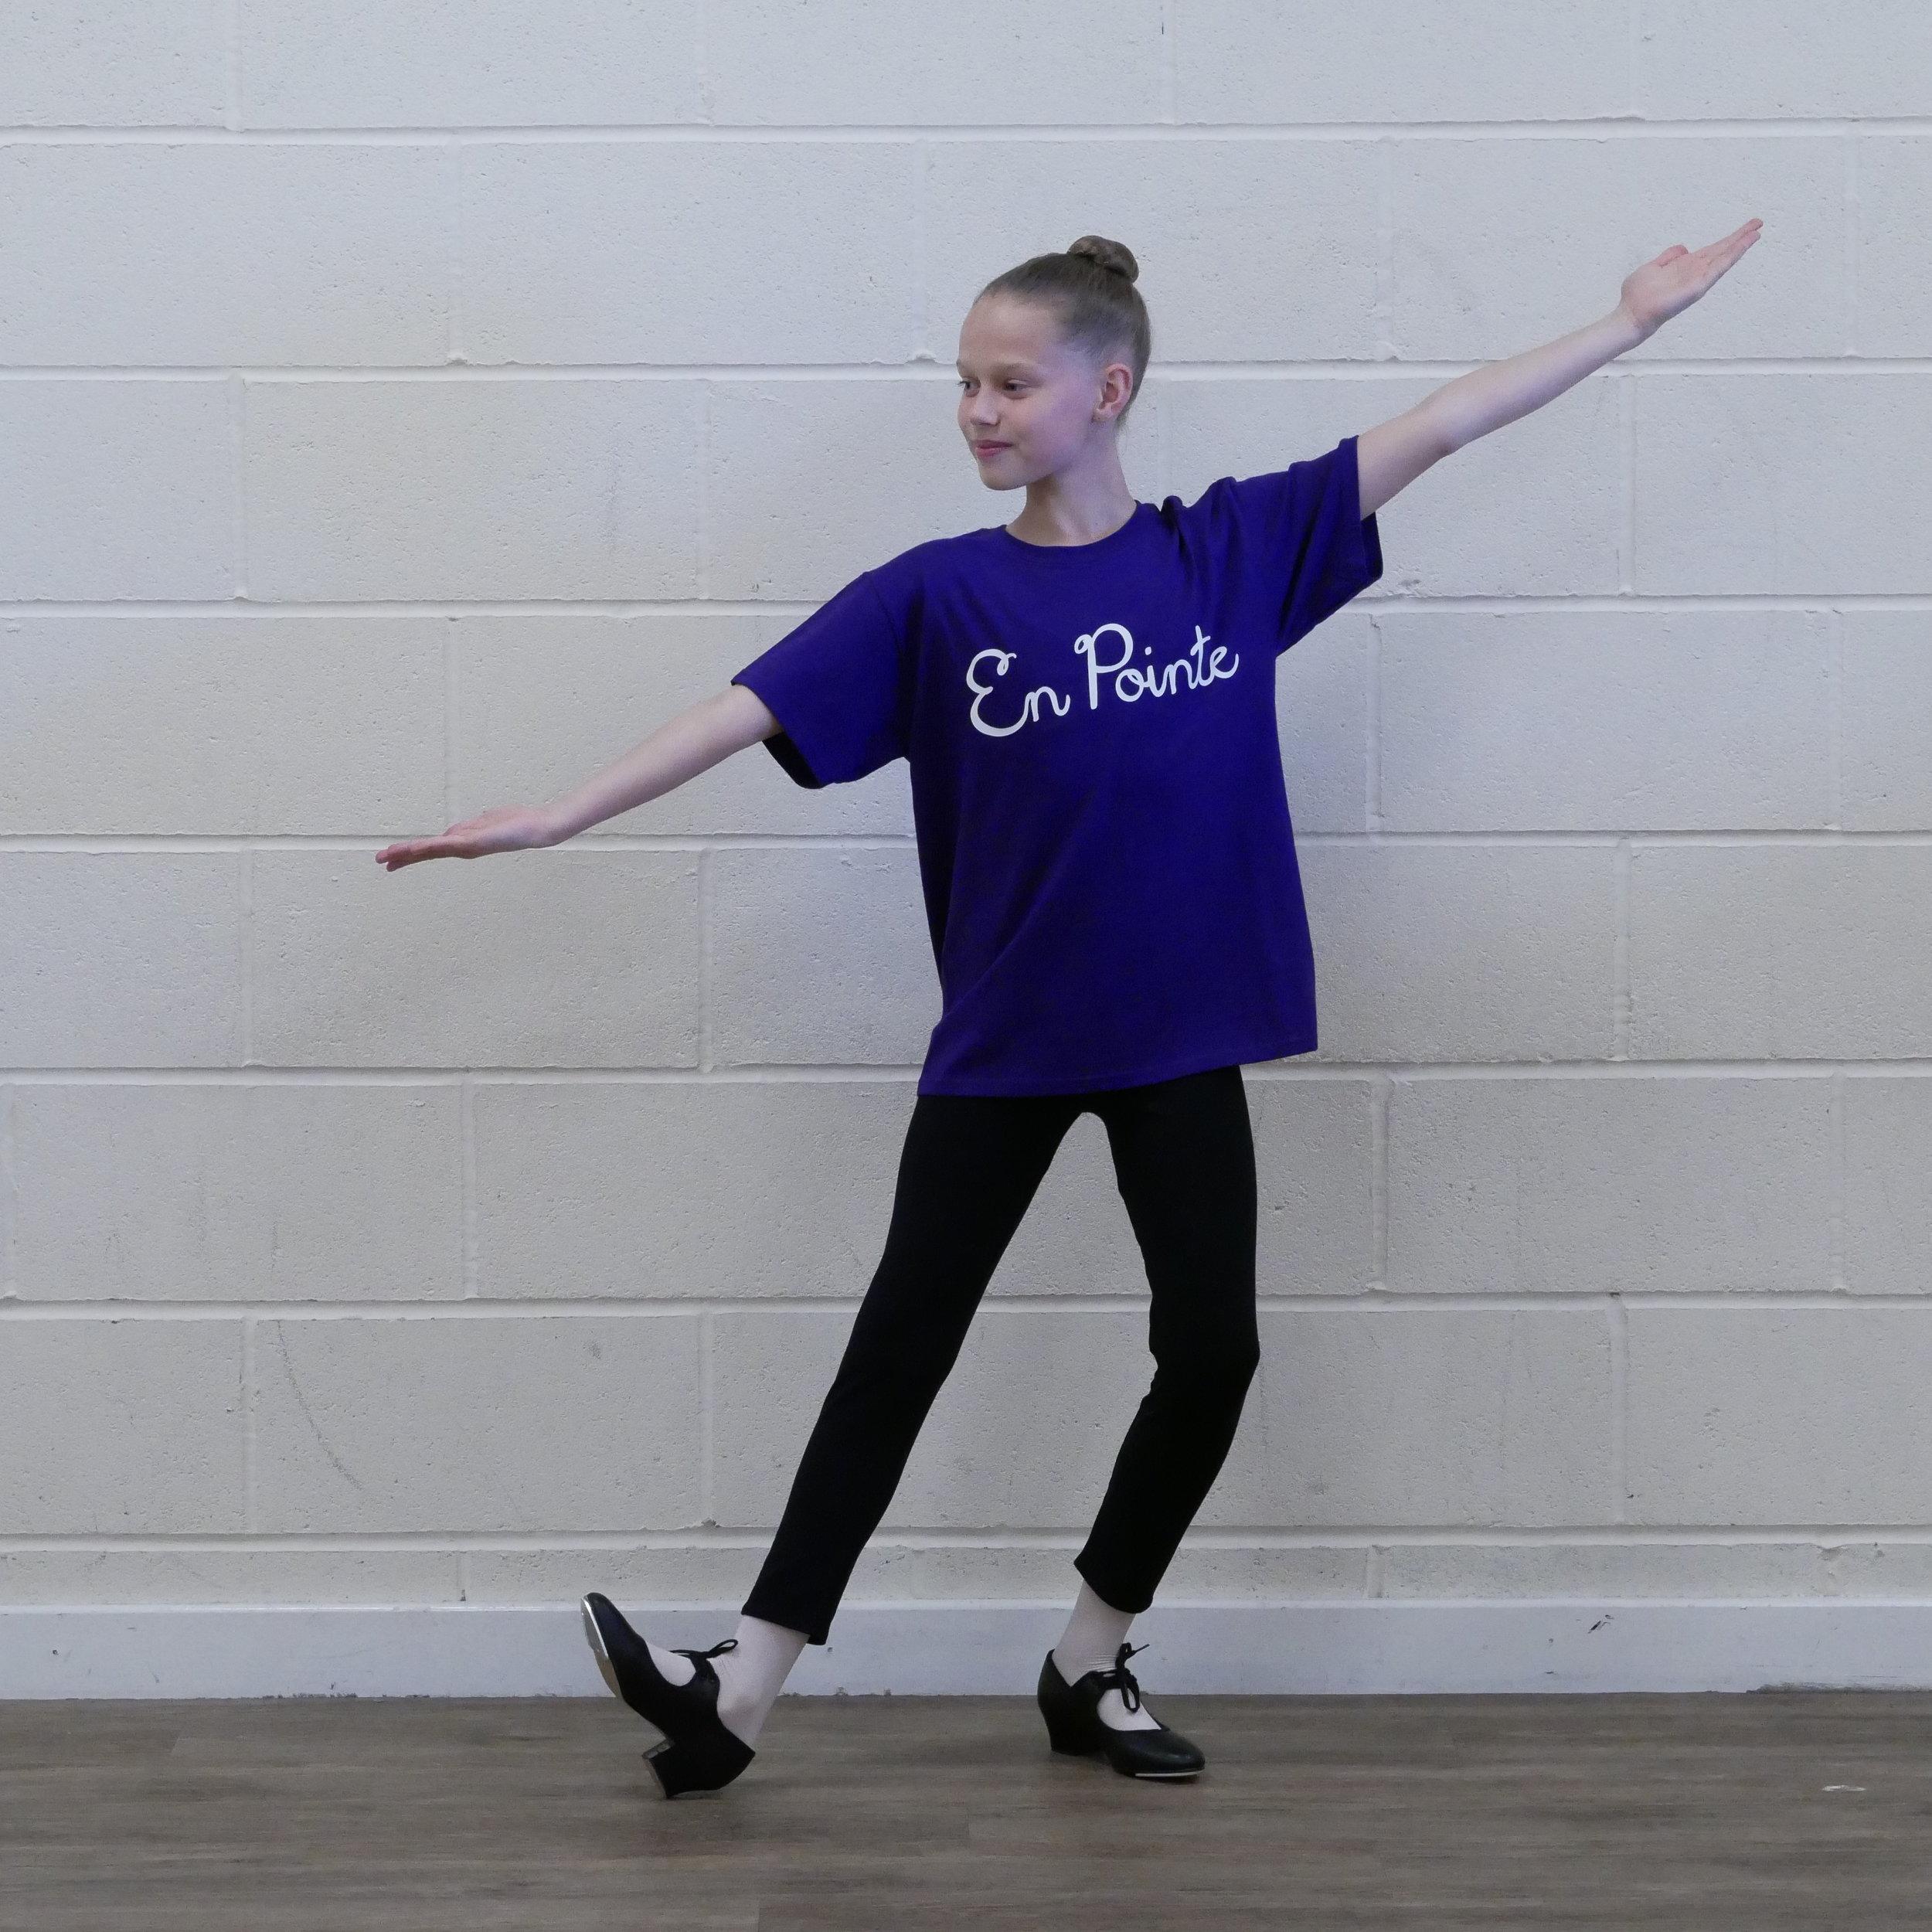 Tap dancing Classes in York at En Pointe Dance Studios